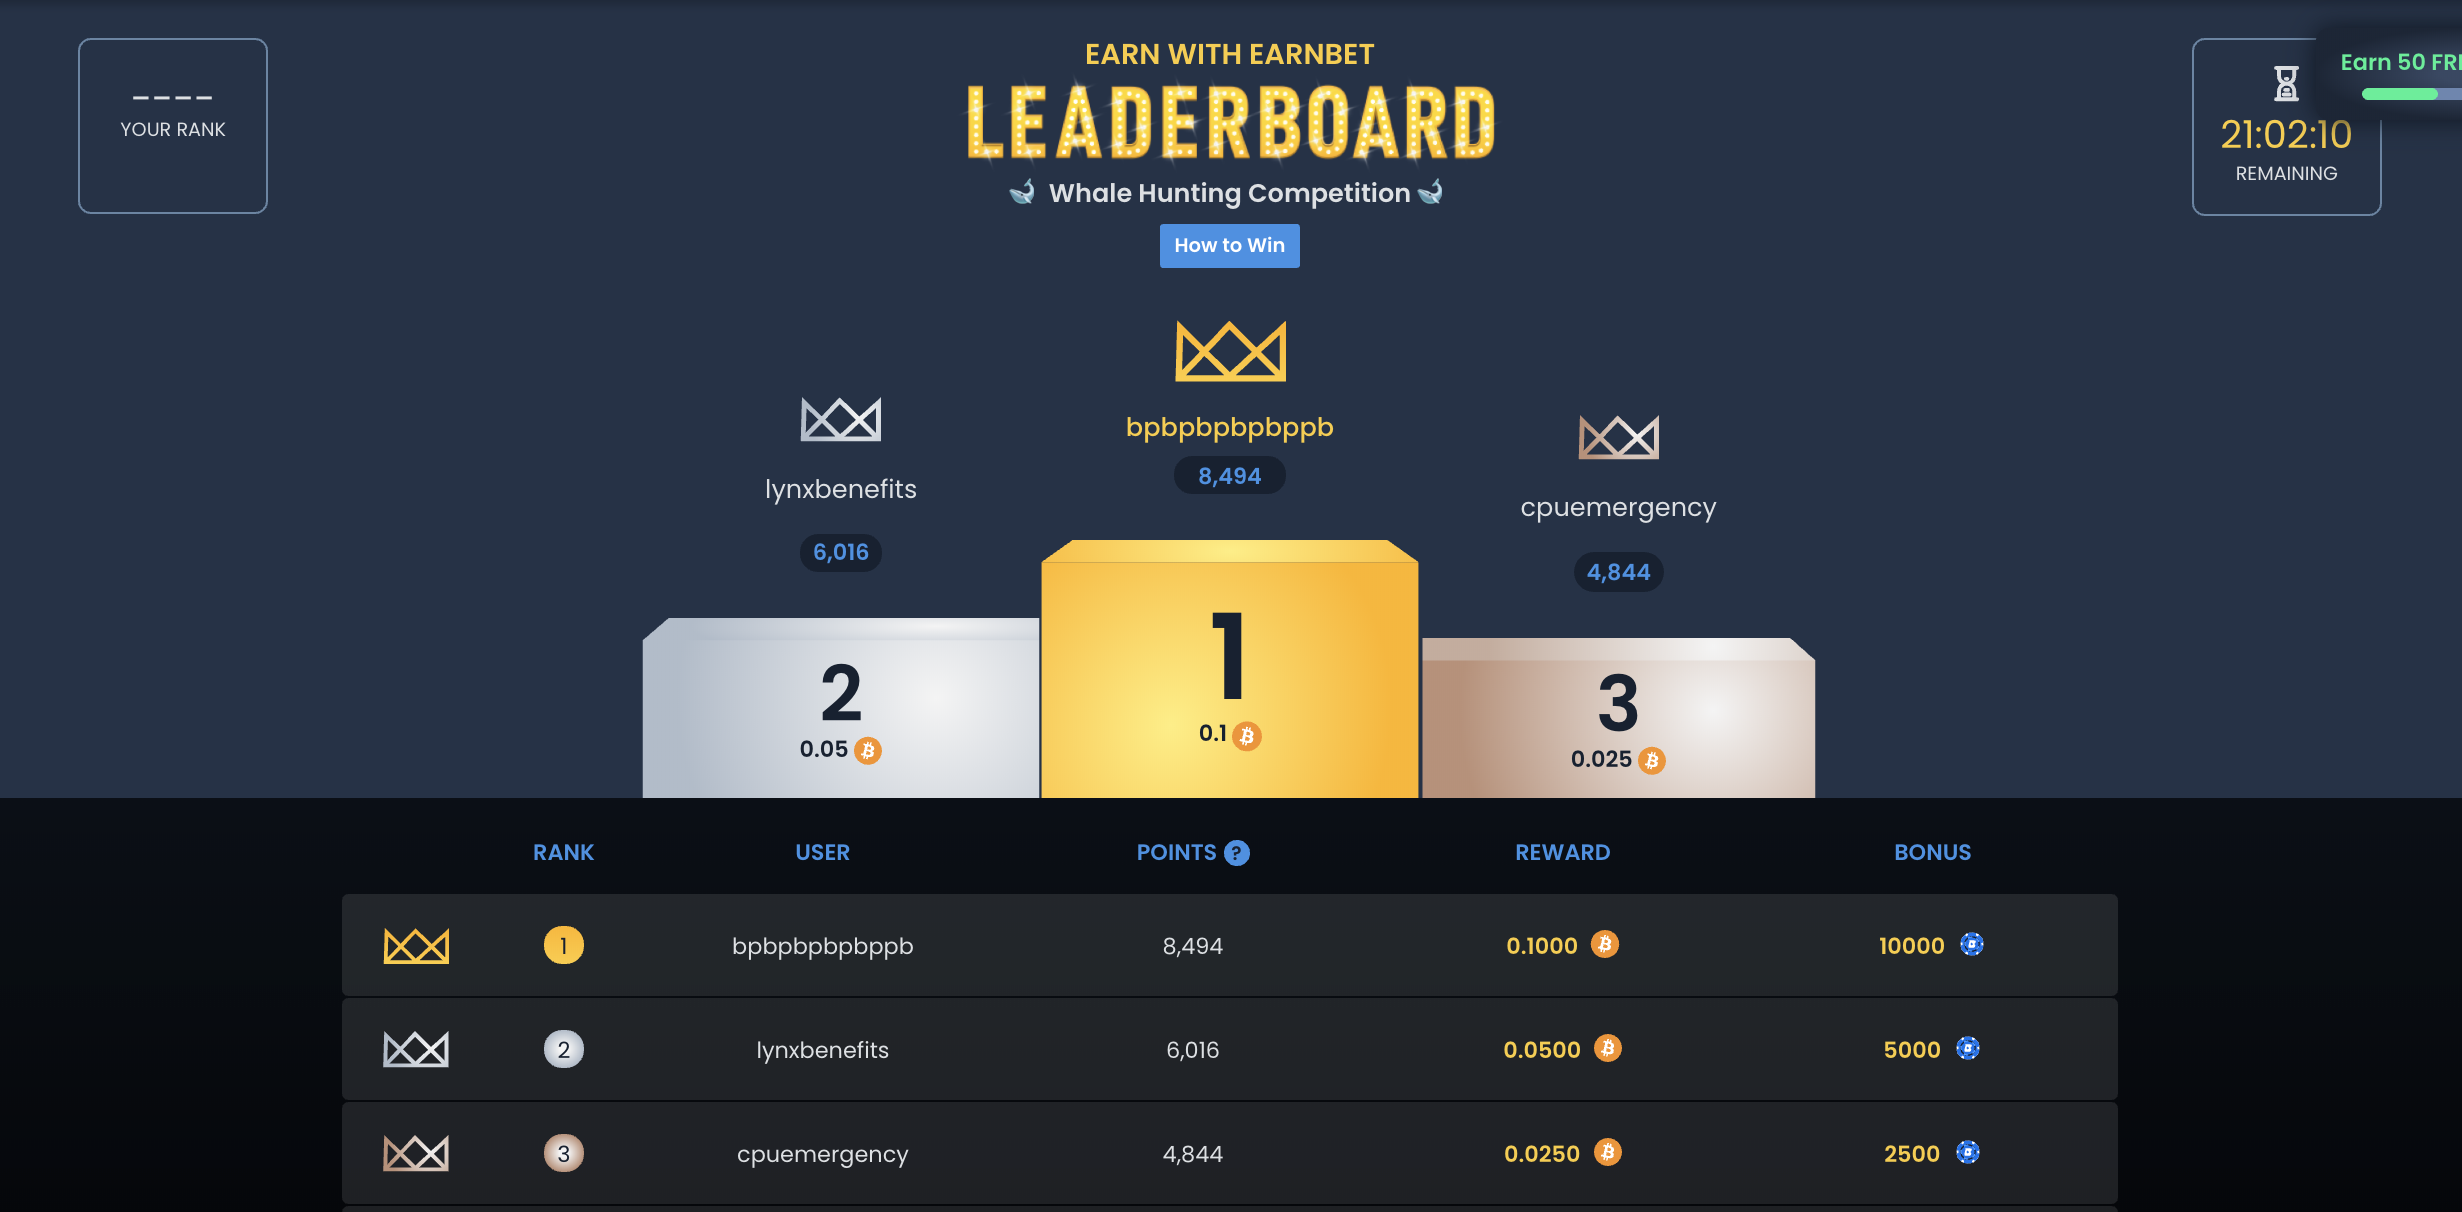 EarnBet Leaderboard